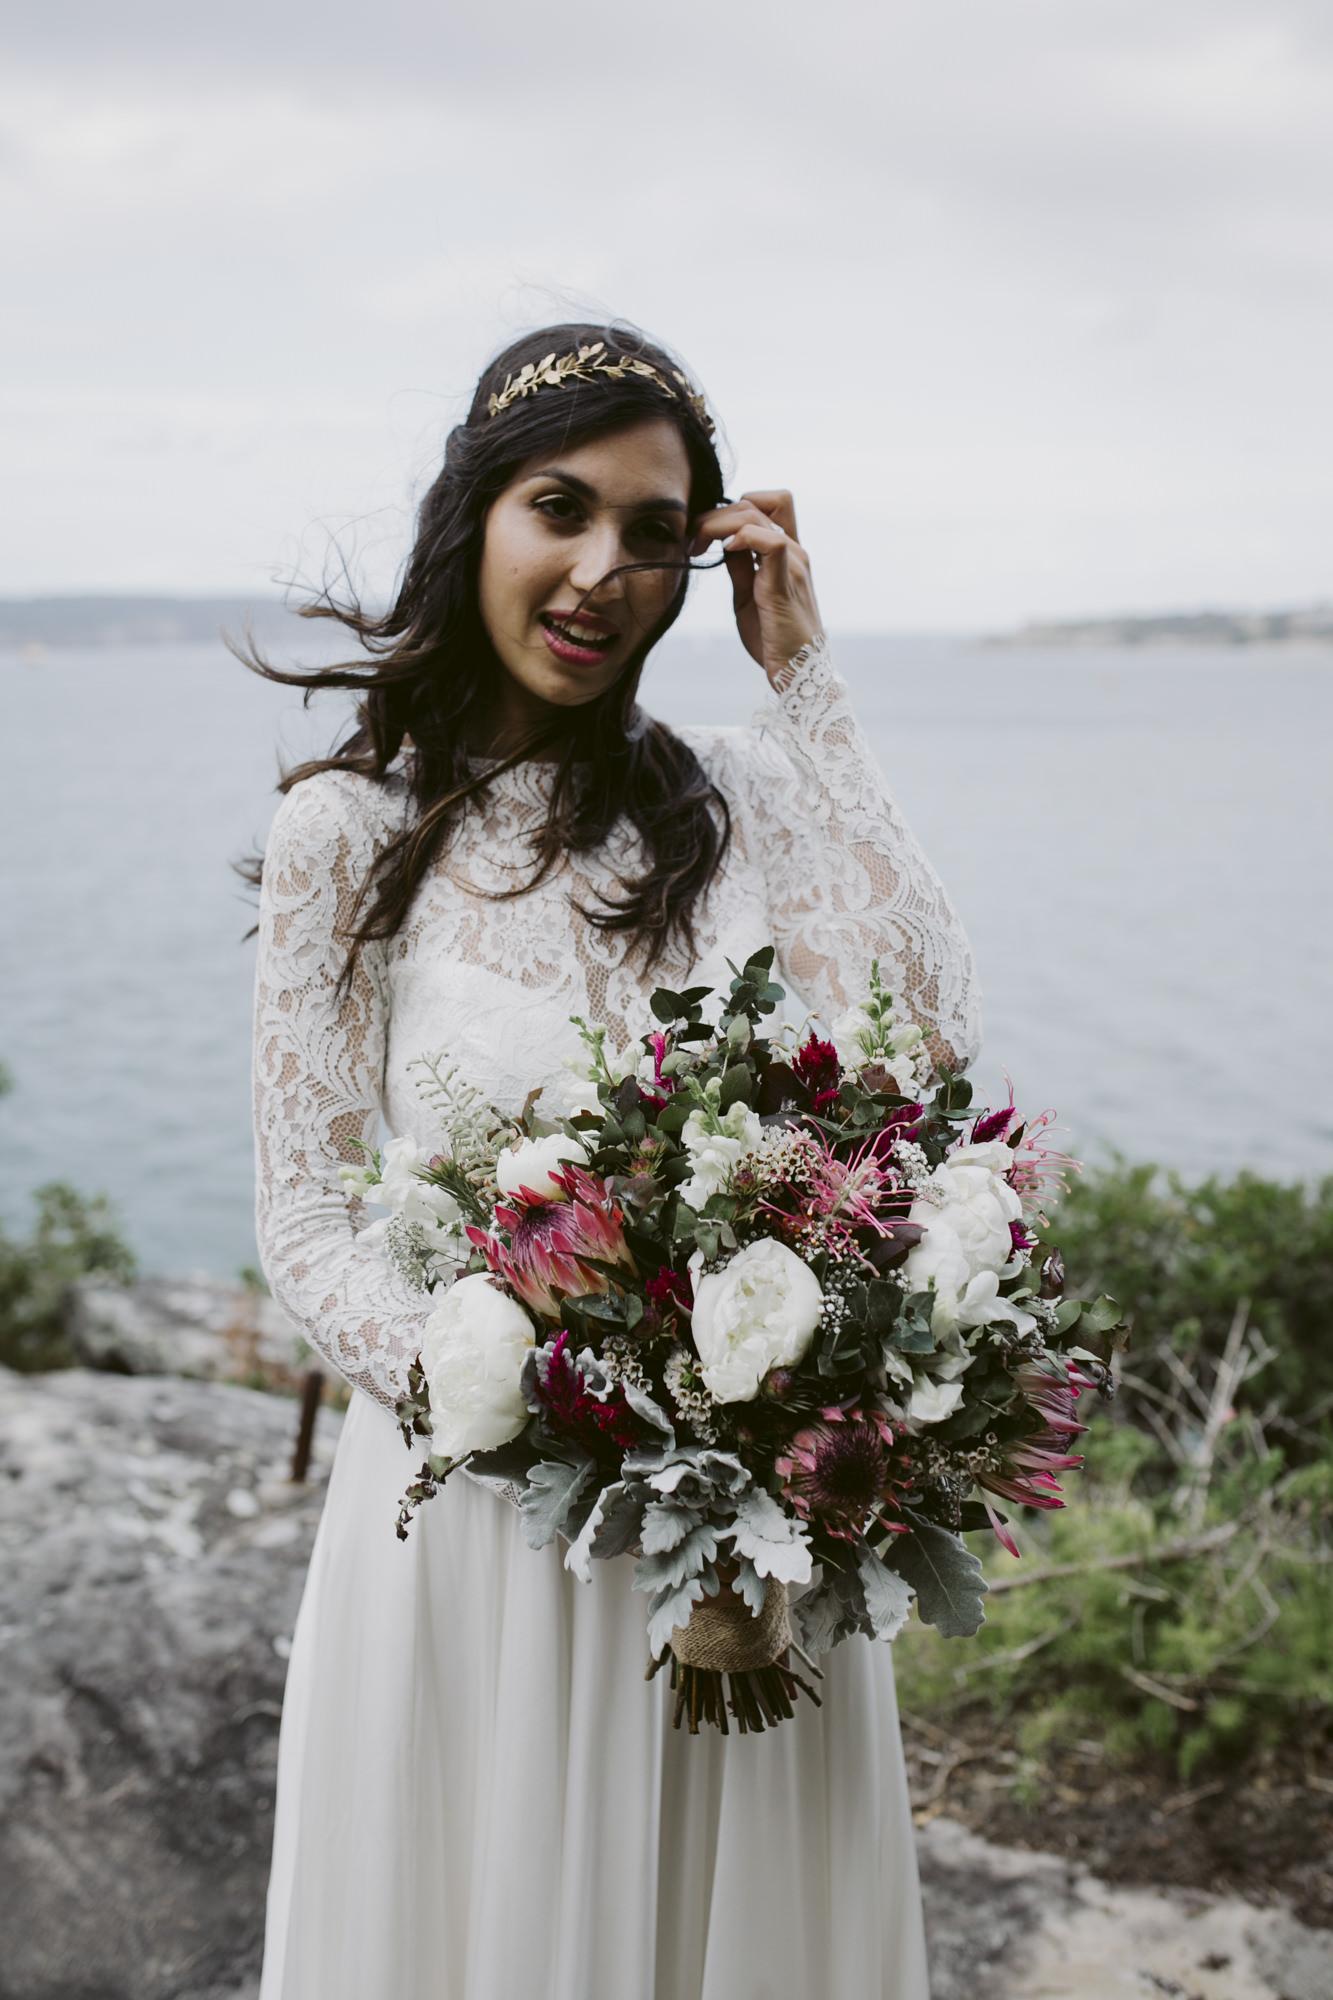 Anna Turner Sydney Wedding Photographer-26.jpg